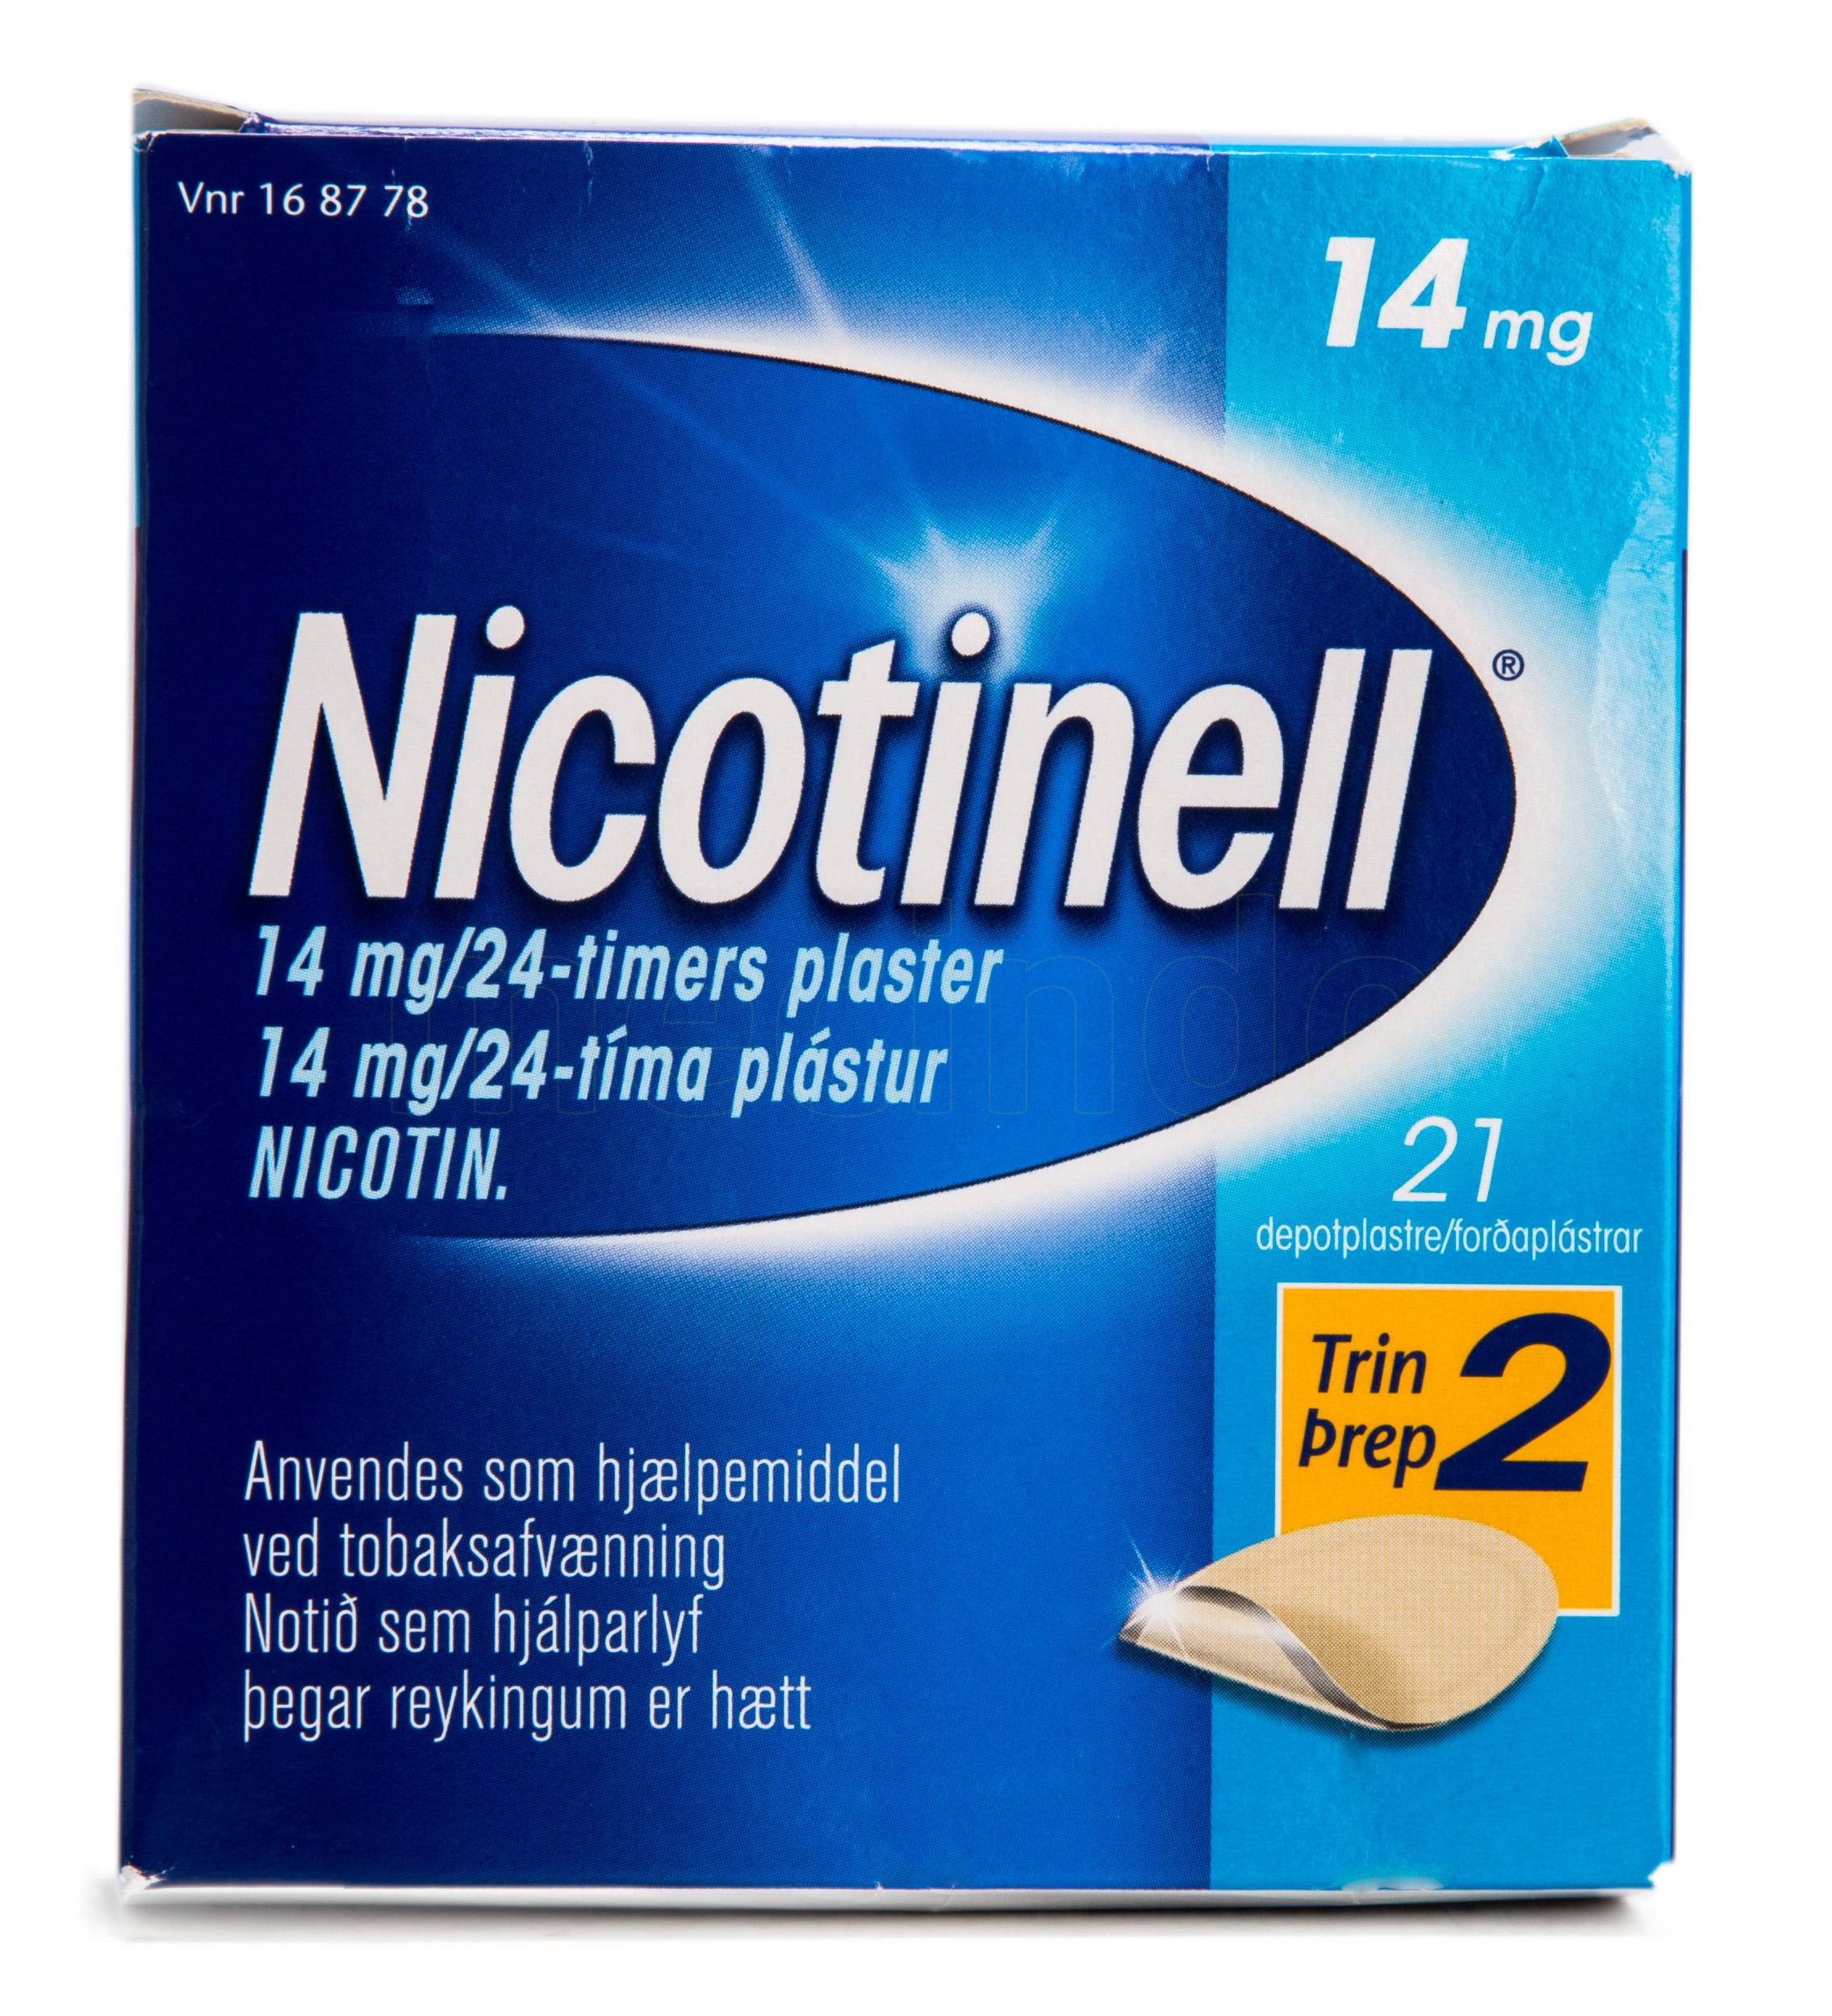 Billede af Nicotinell Depotplastre - 14 mg - 21 Plas